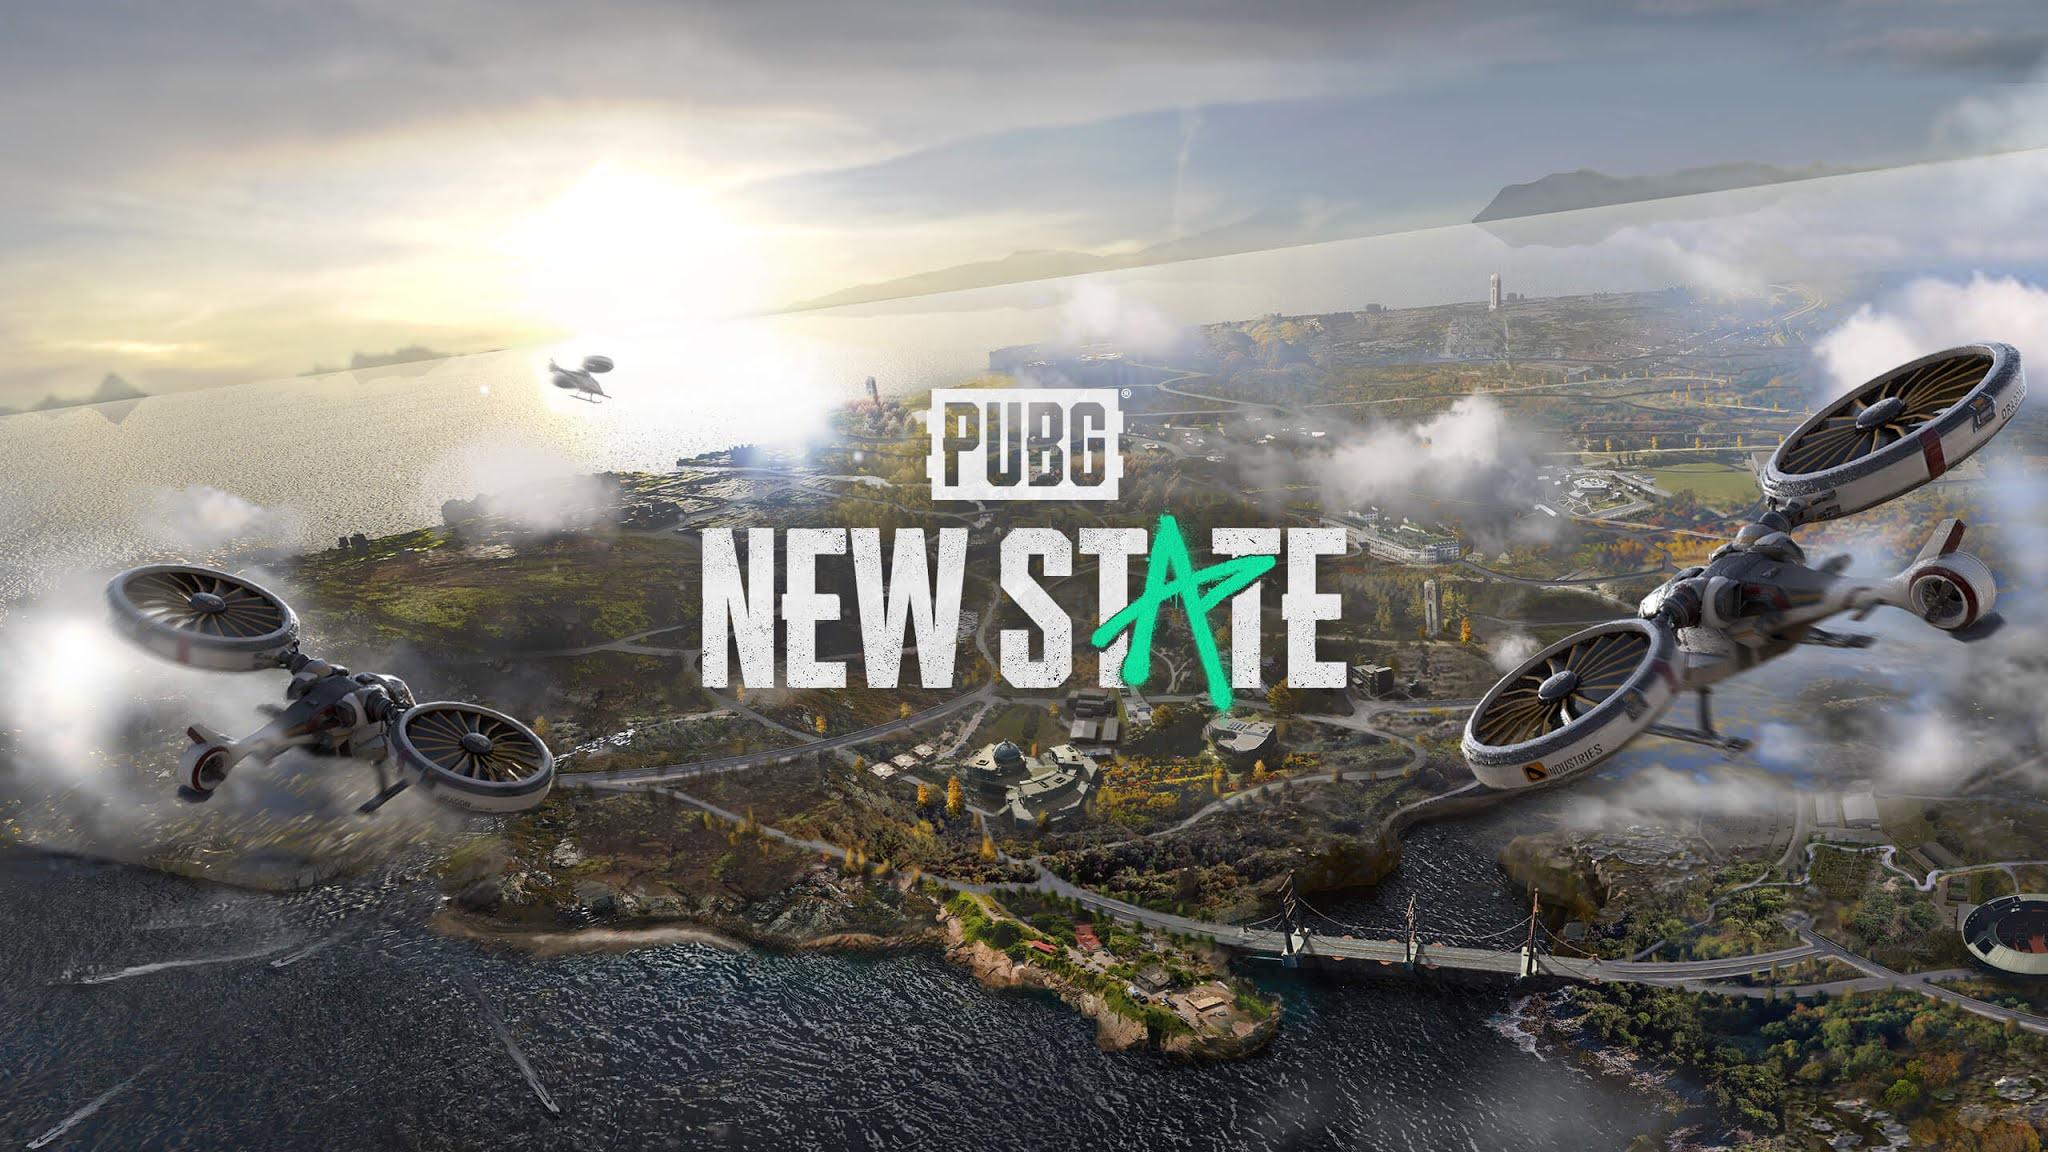 PUBG: NEW STATE PRE-REGISTRATIONS SURPASS 10 MILLION